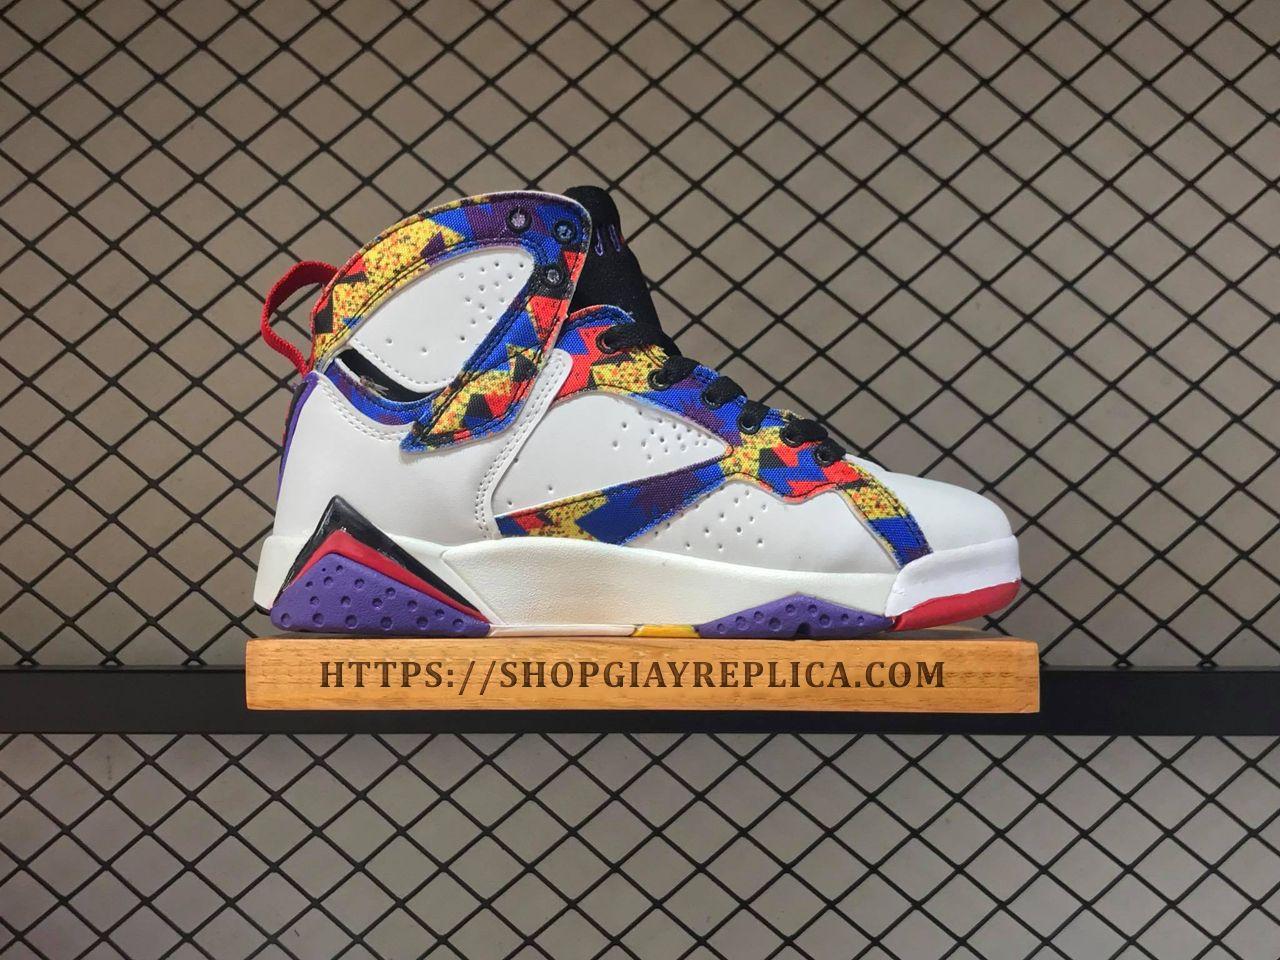 Giày Nike Air Jordan mix color hàng Replica 1:1 giá t?t nh?t